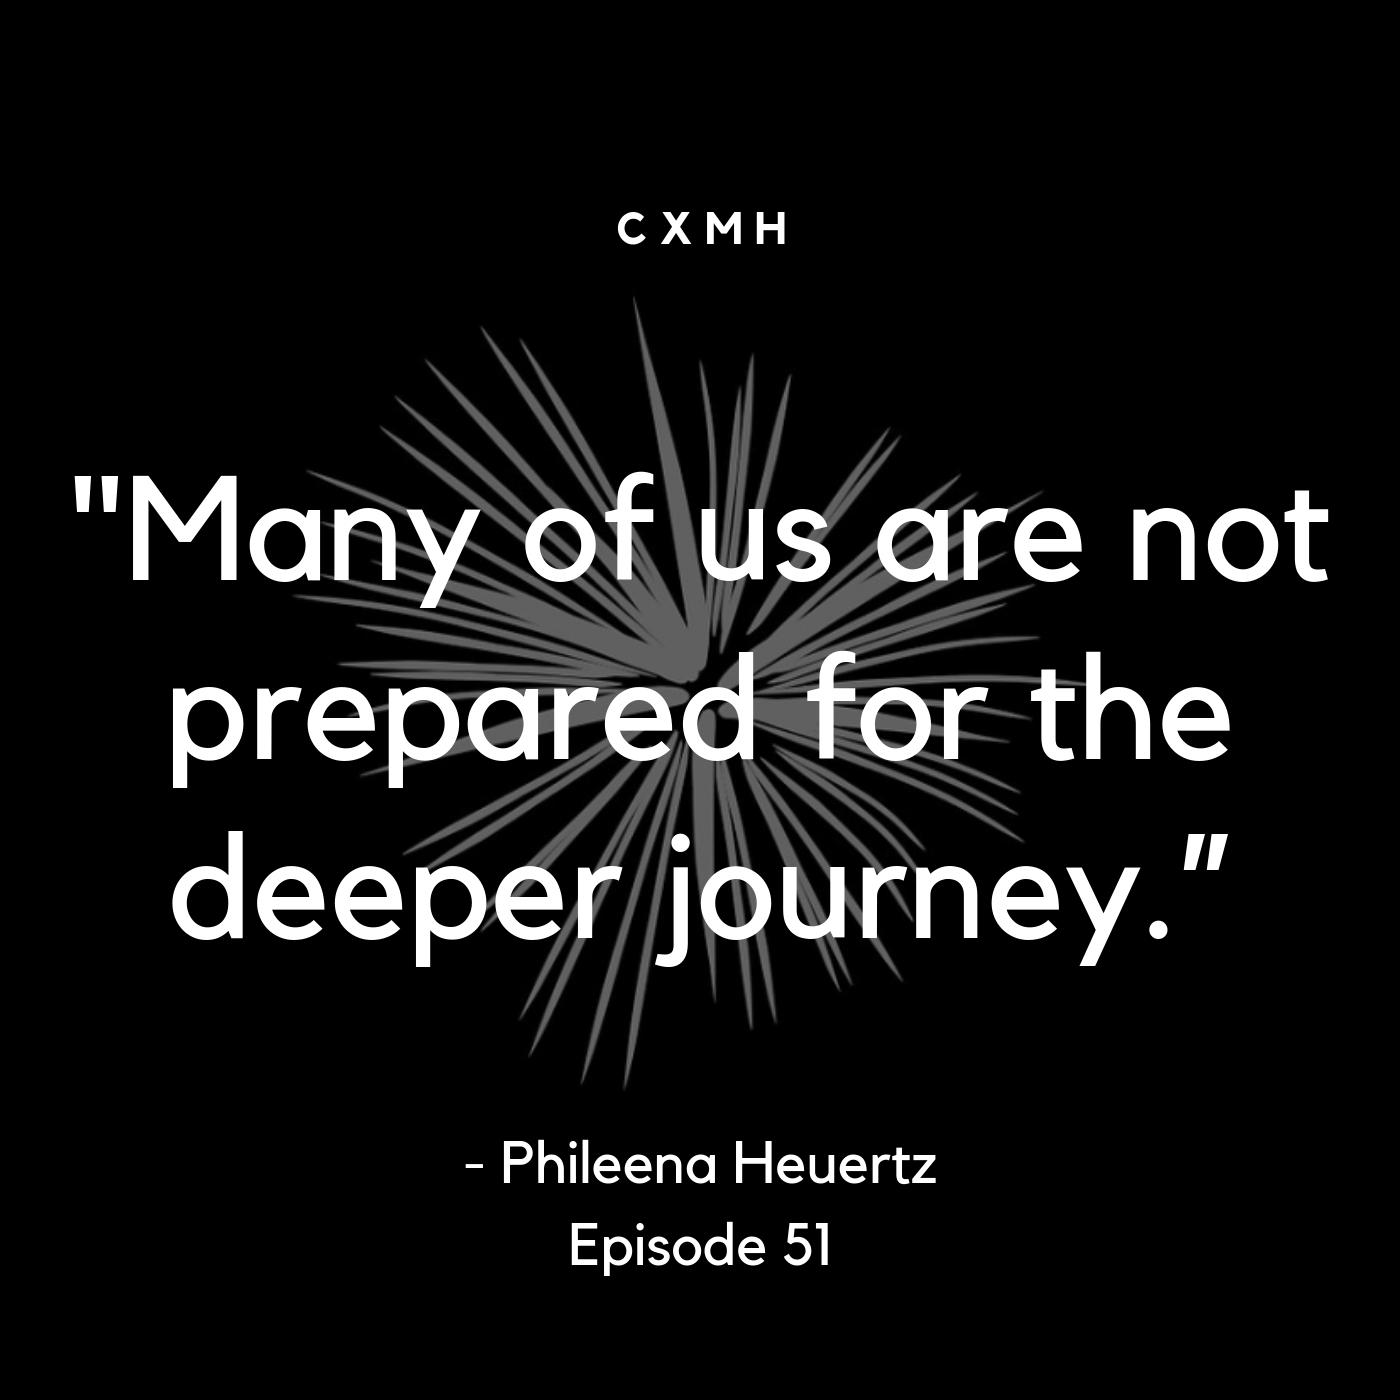 Phileena 1 Quotes.jpg